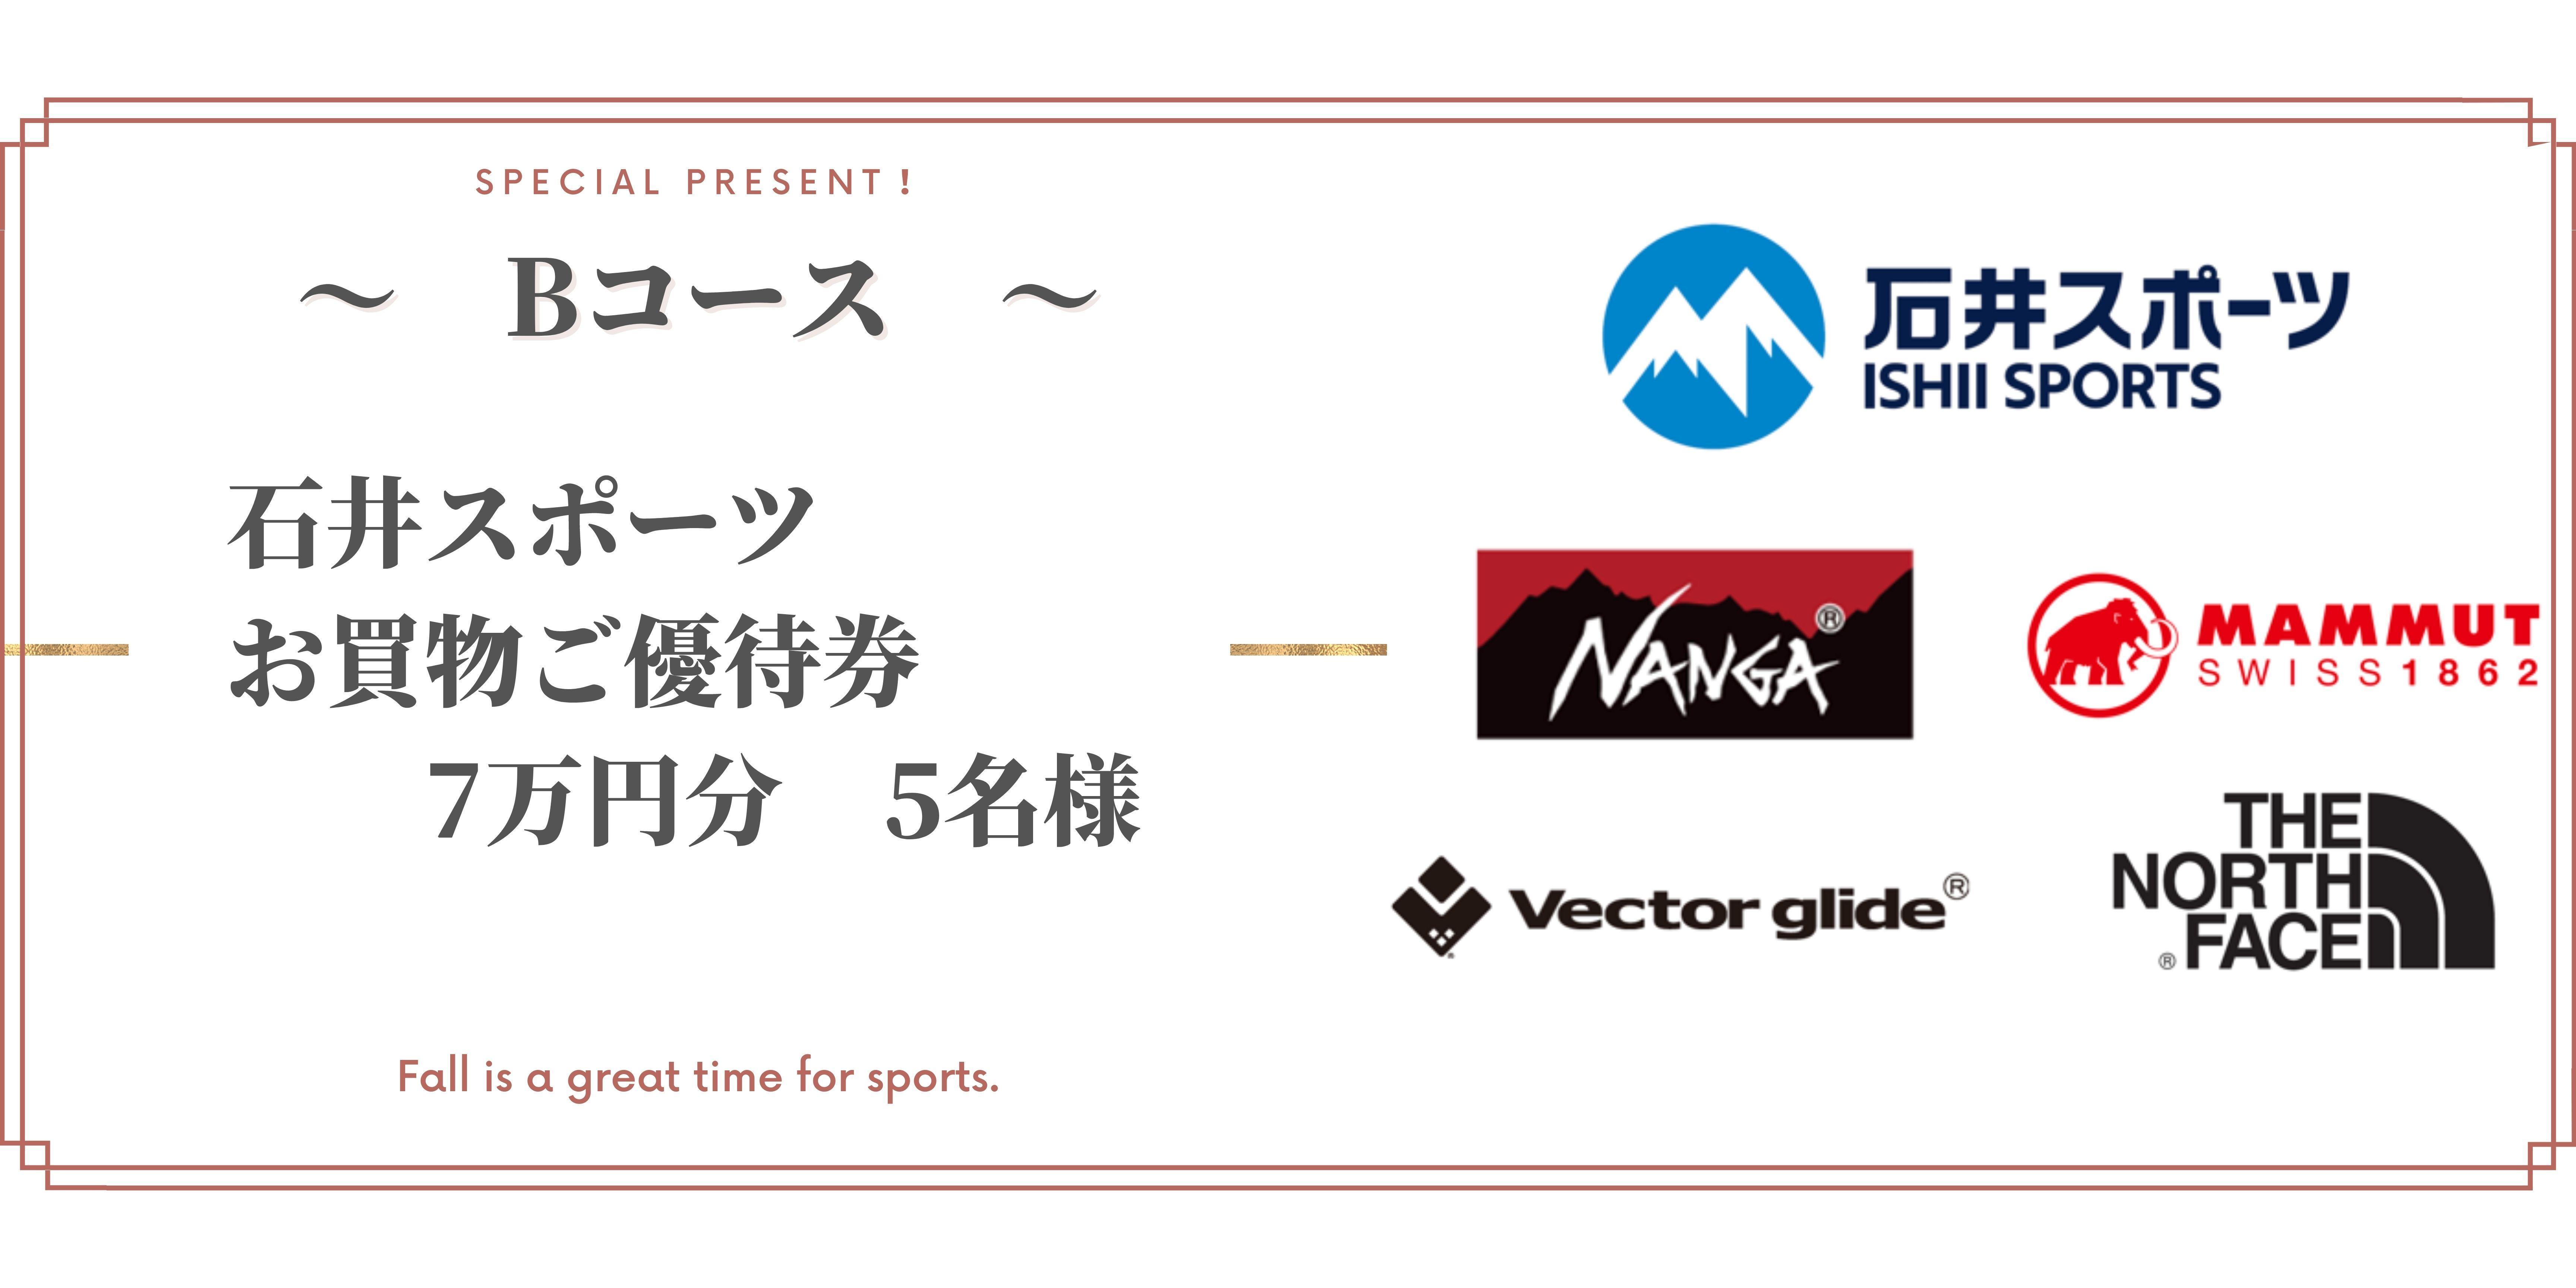 石井スポーツ (2).jpg